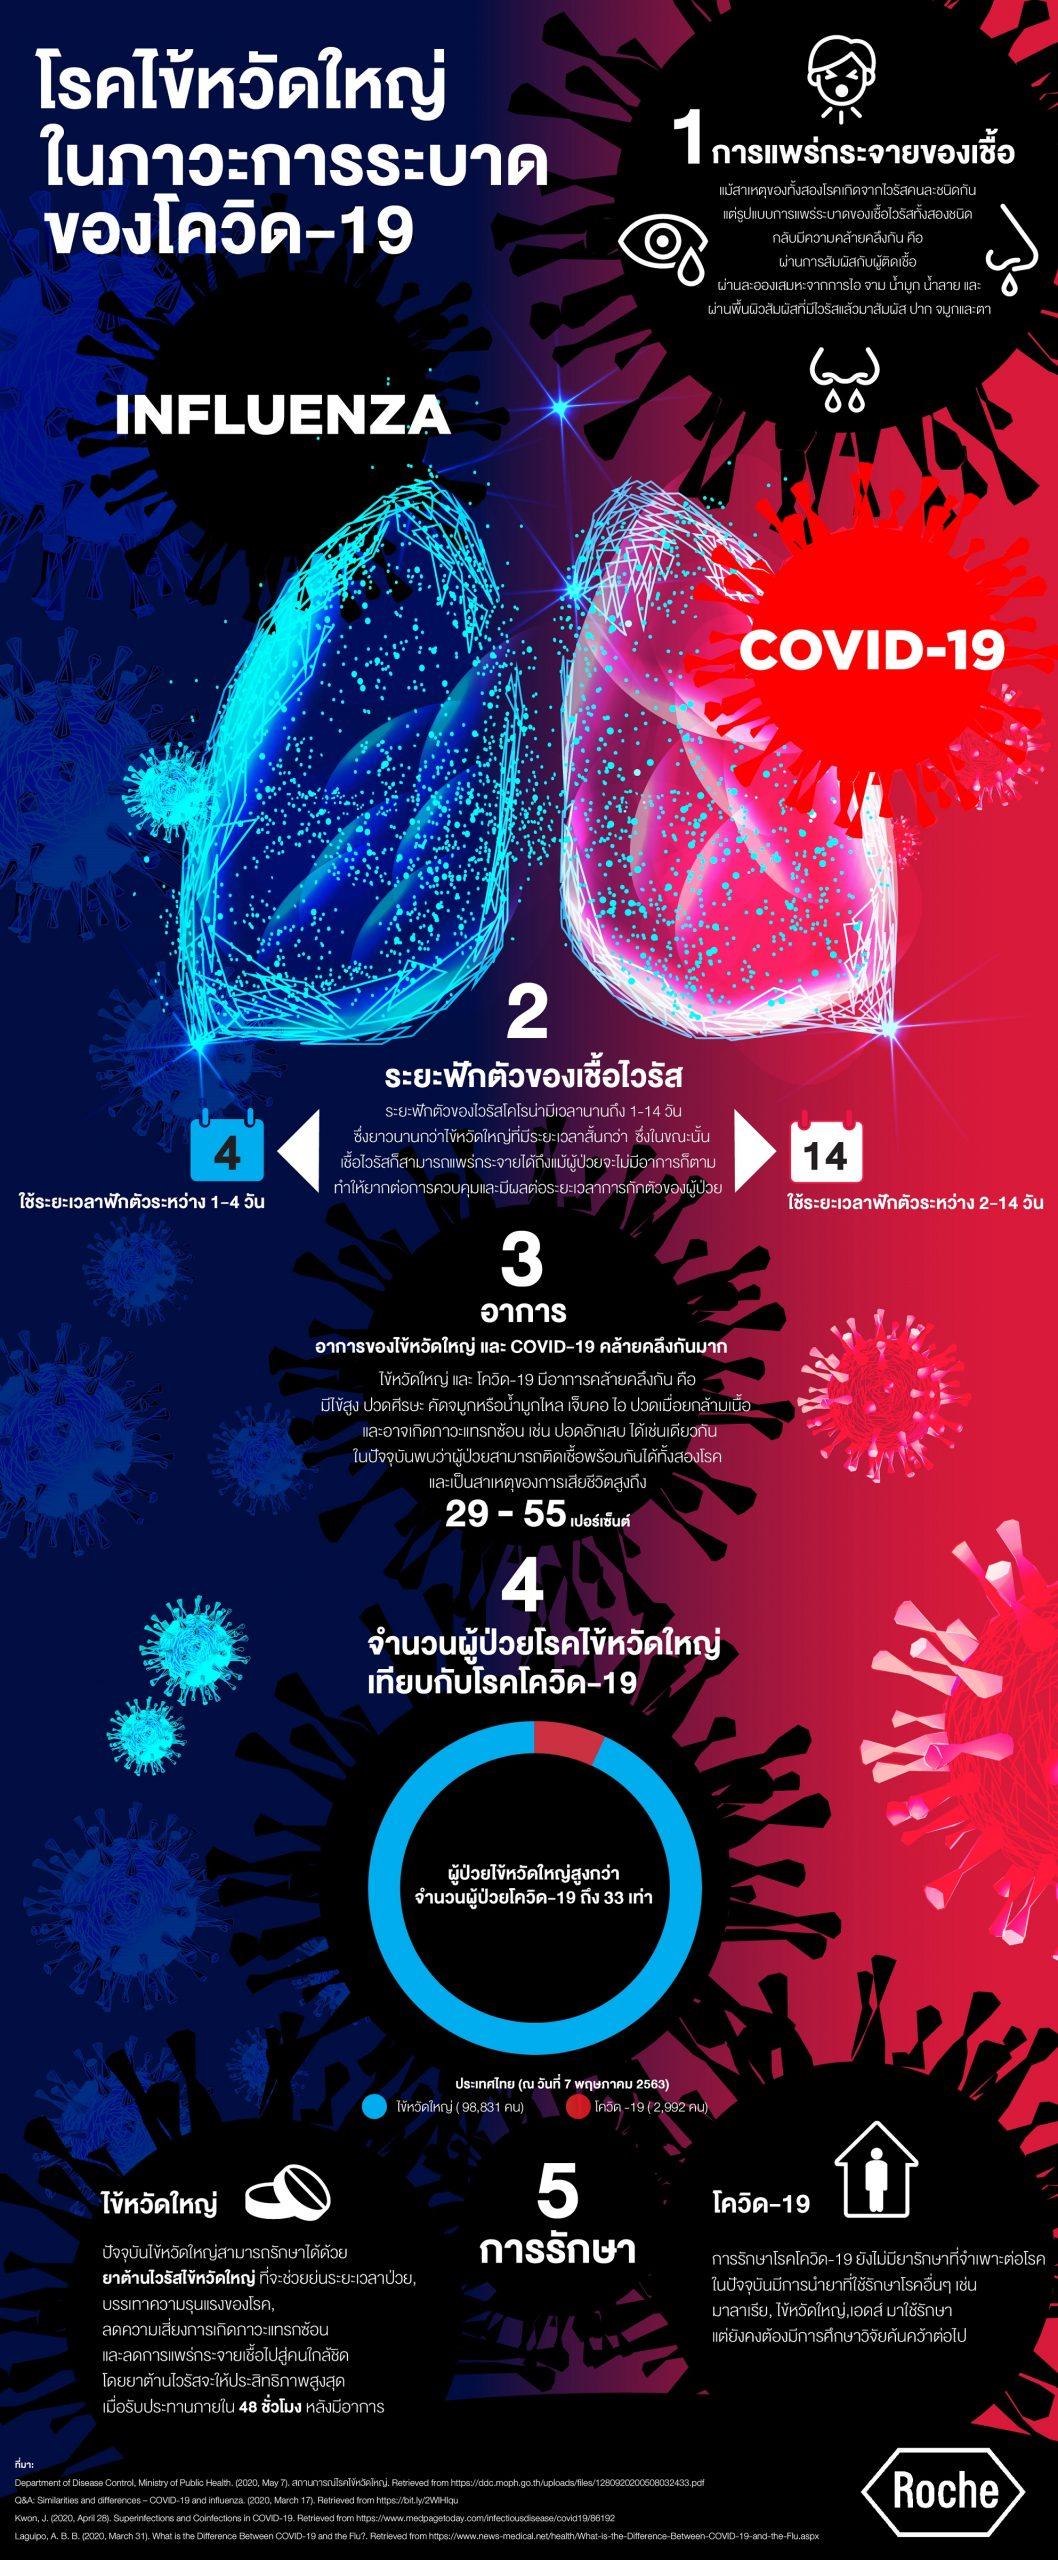 ความร้ายแรงของโรคไข้หวัดใหญ่ ในภาวะการระบาดของโควิด-19